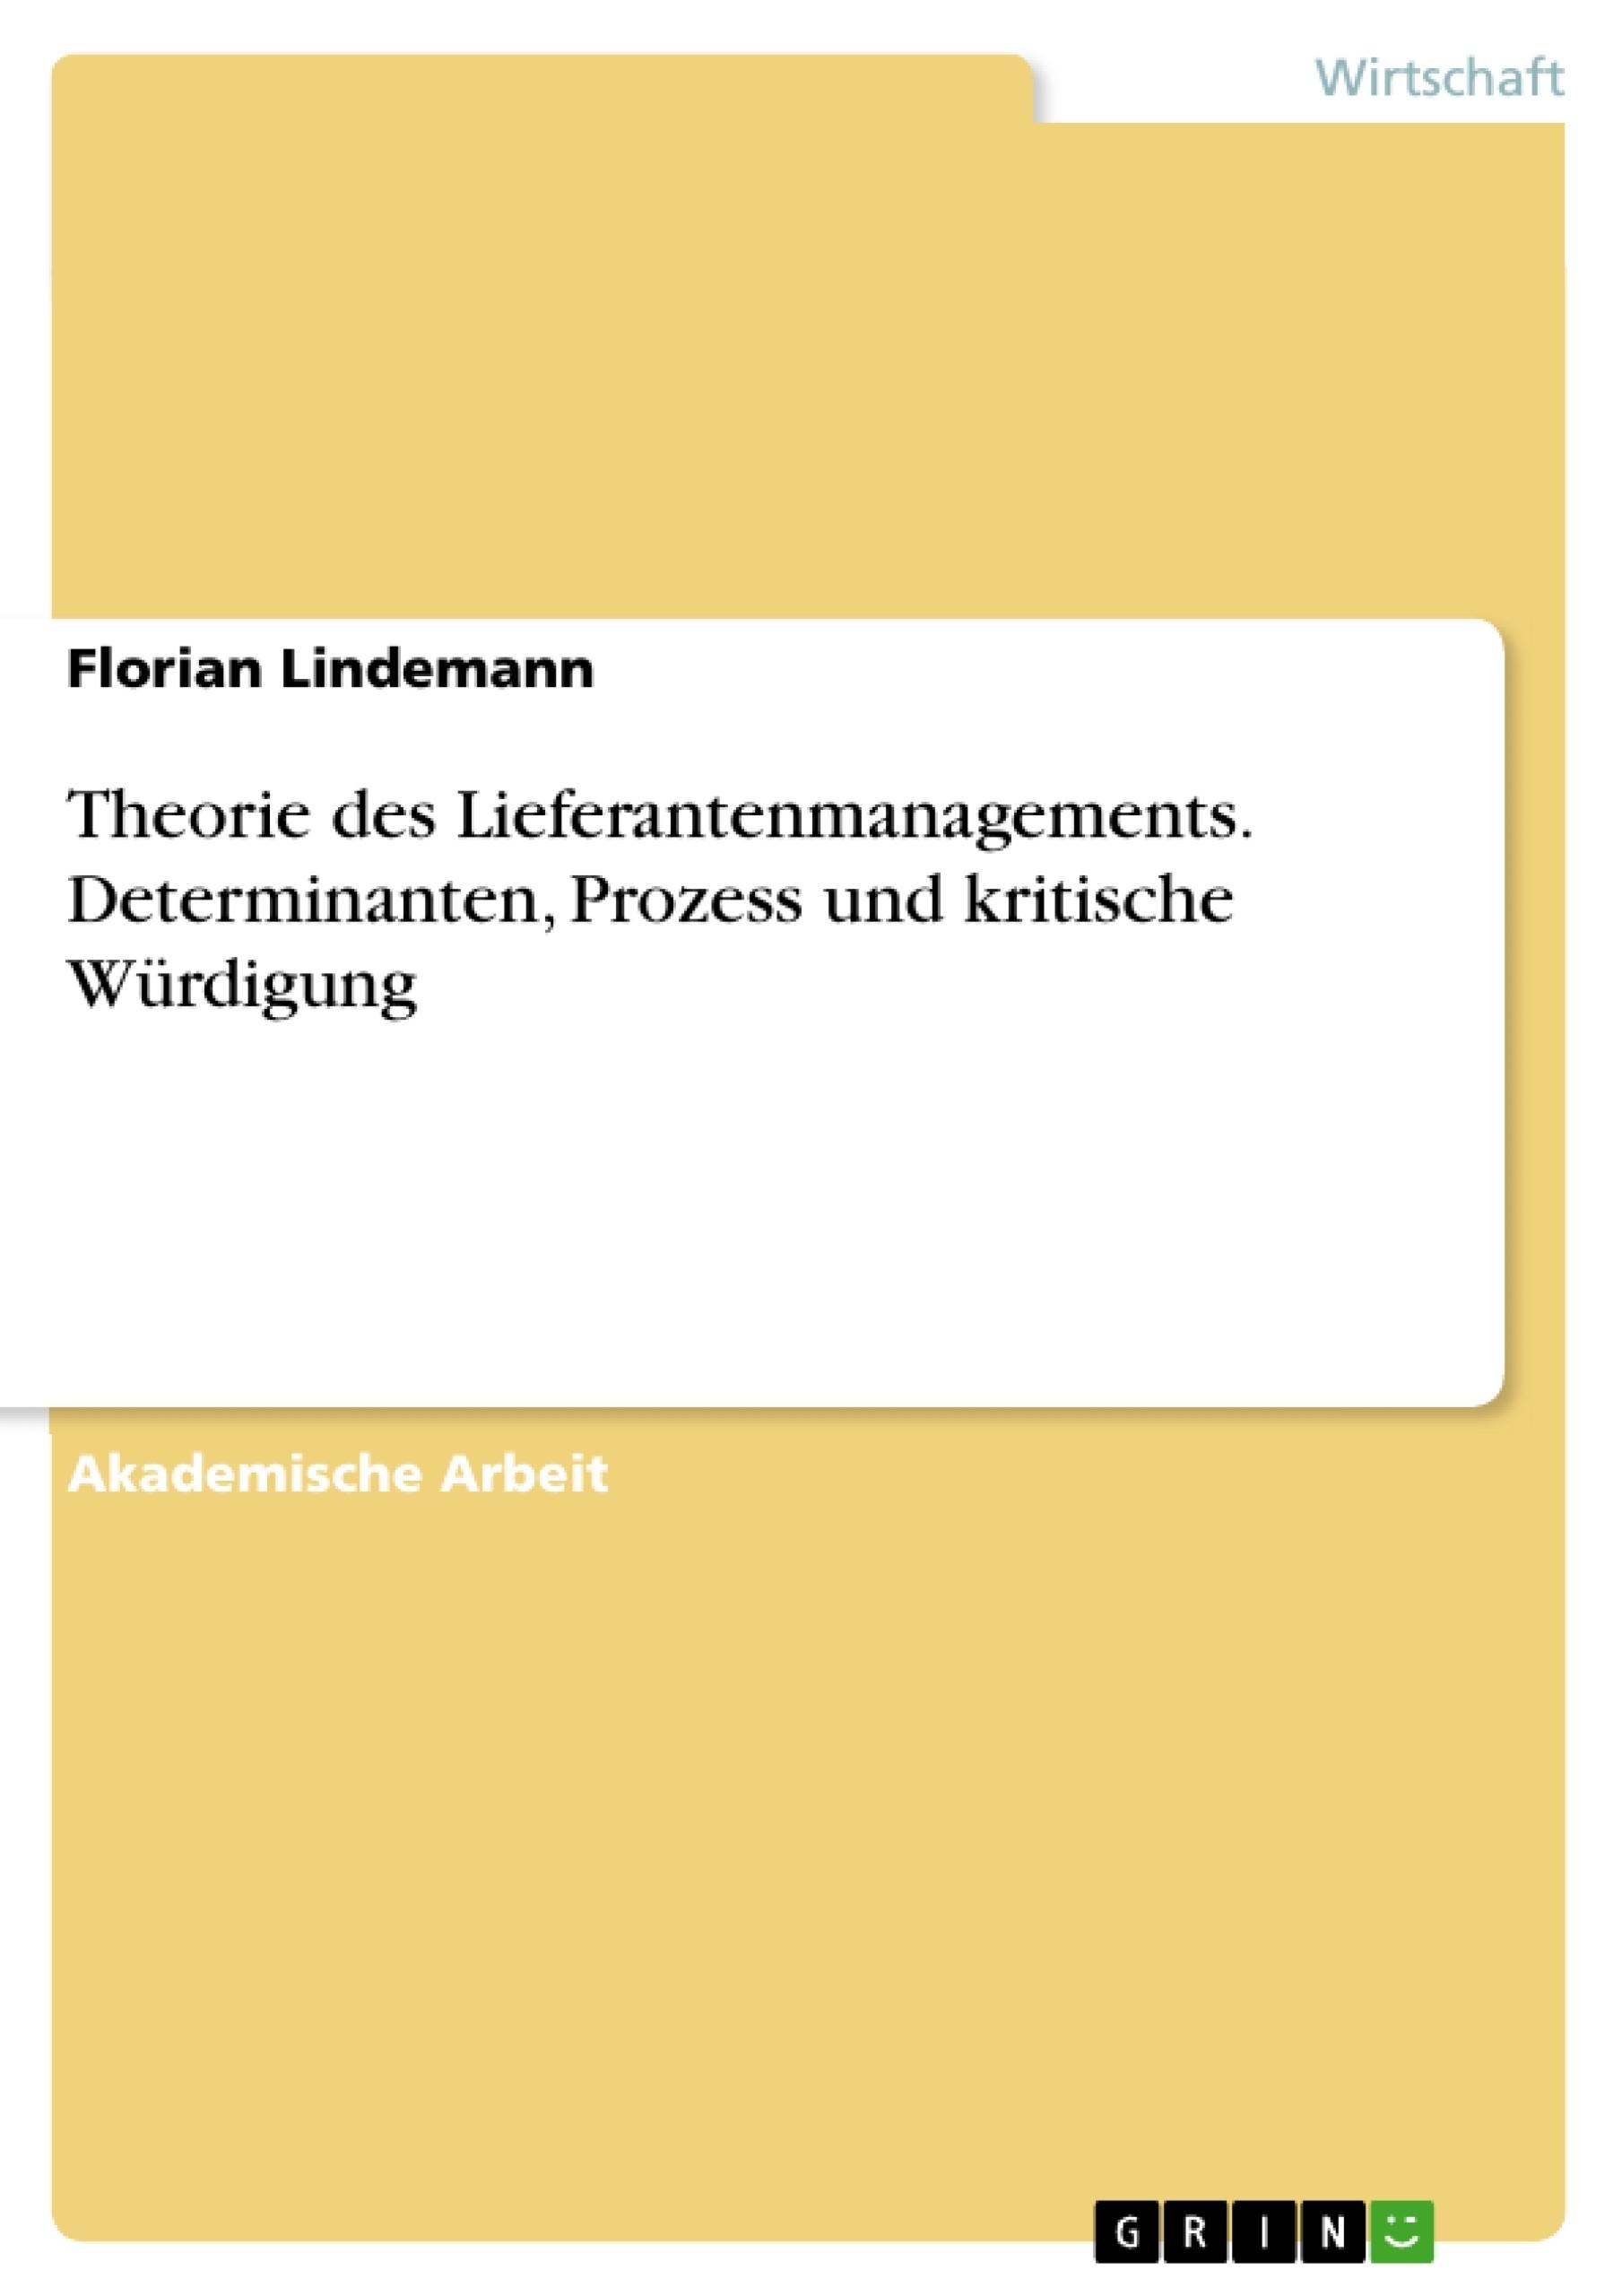 Titel: Theorie des Lieferantenmanagements. Determinanten, Prozess und kritische Würdigung